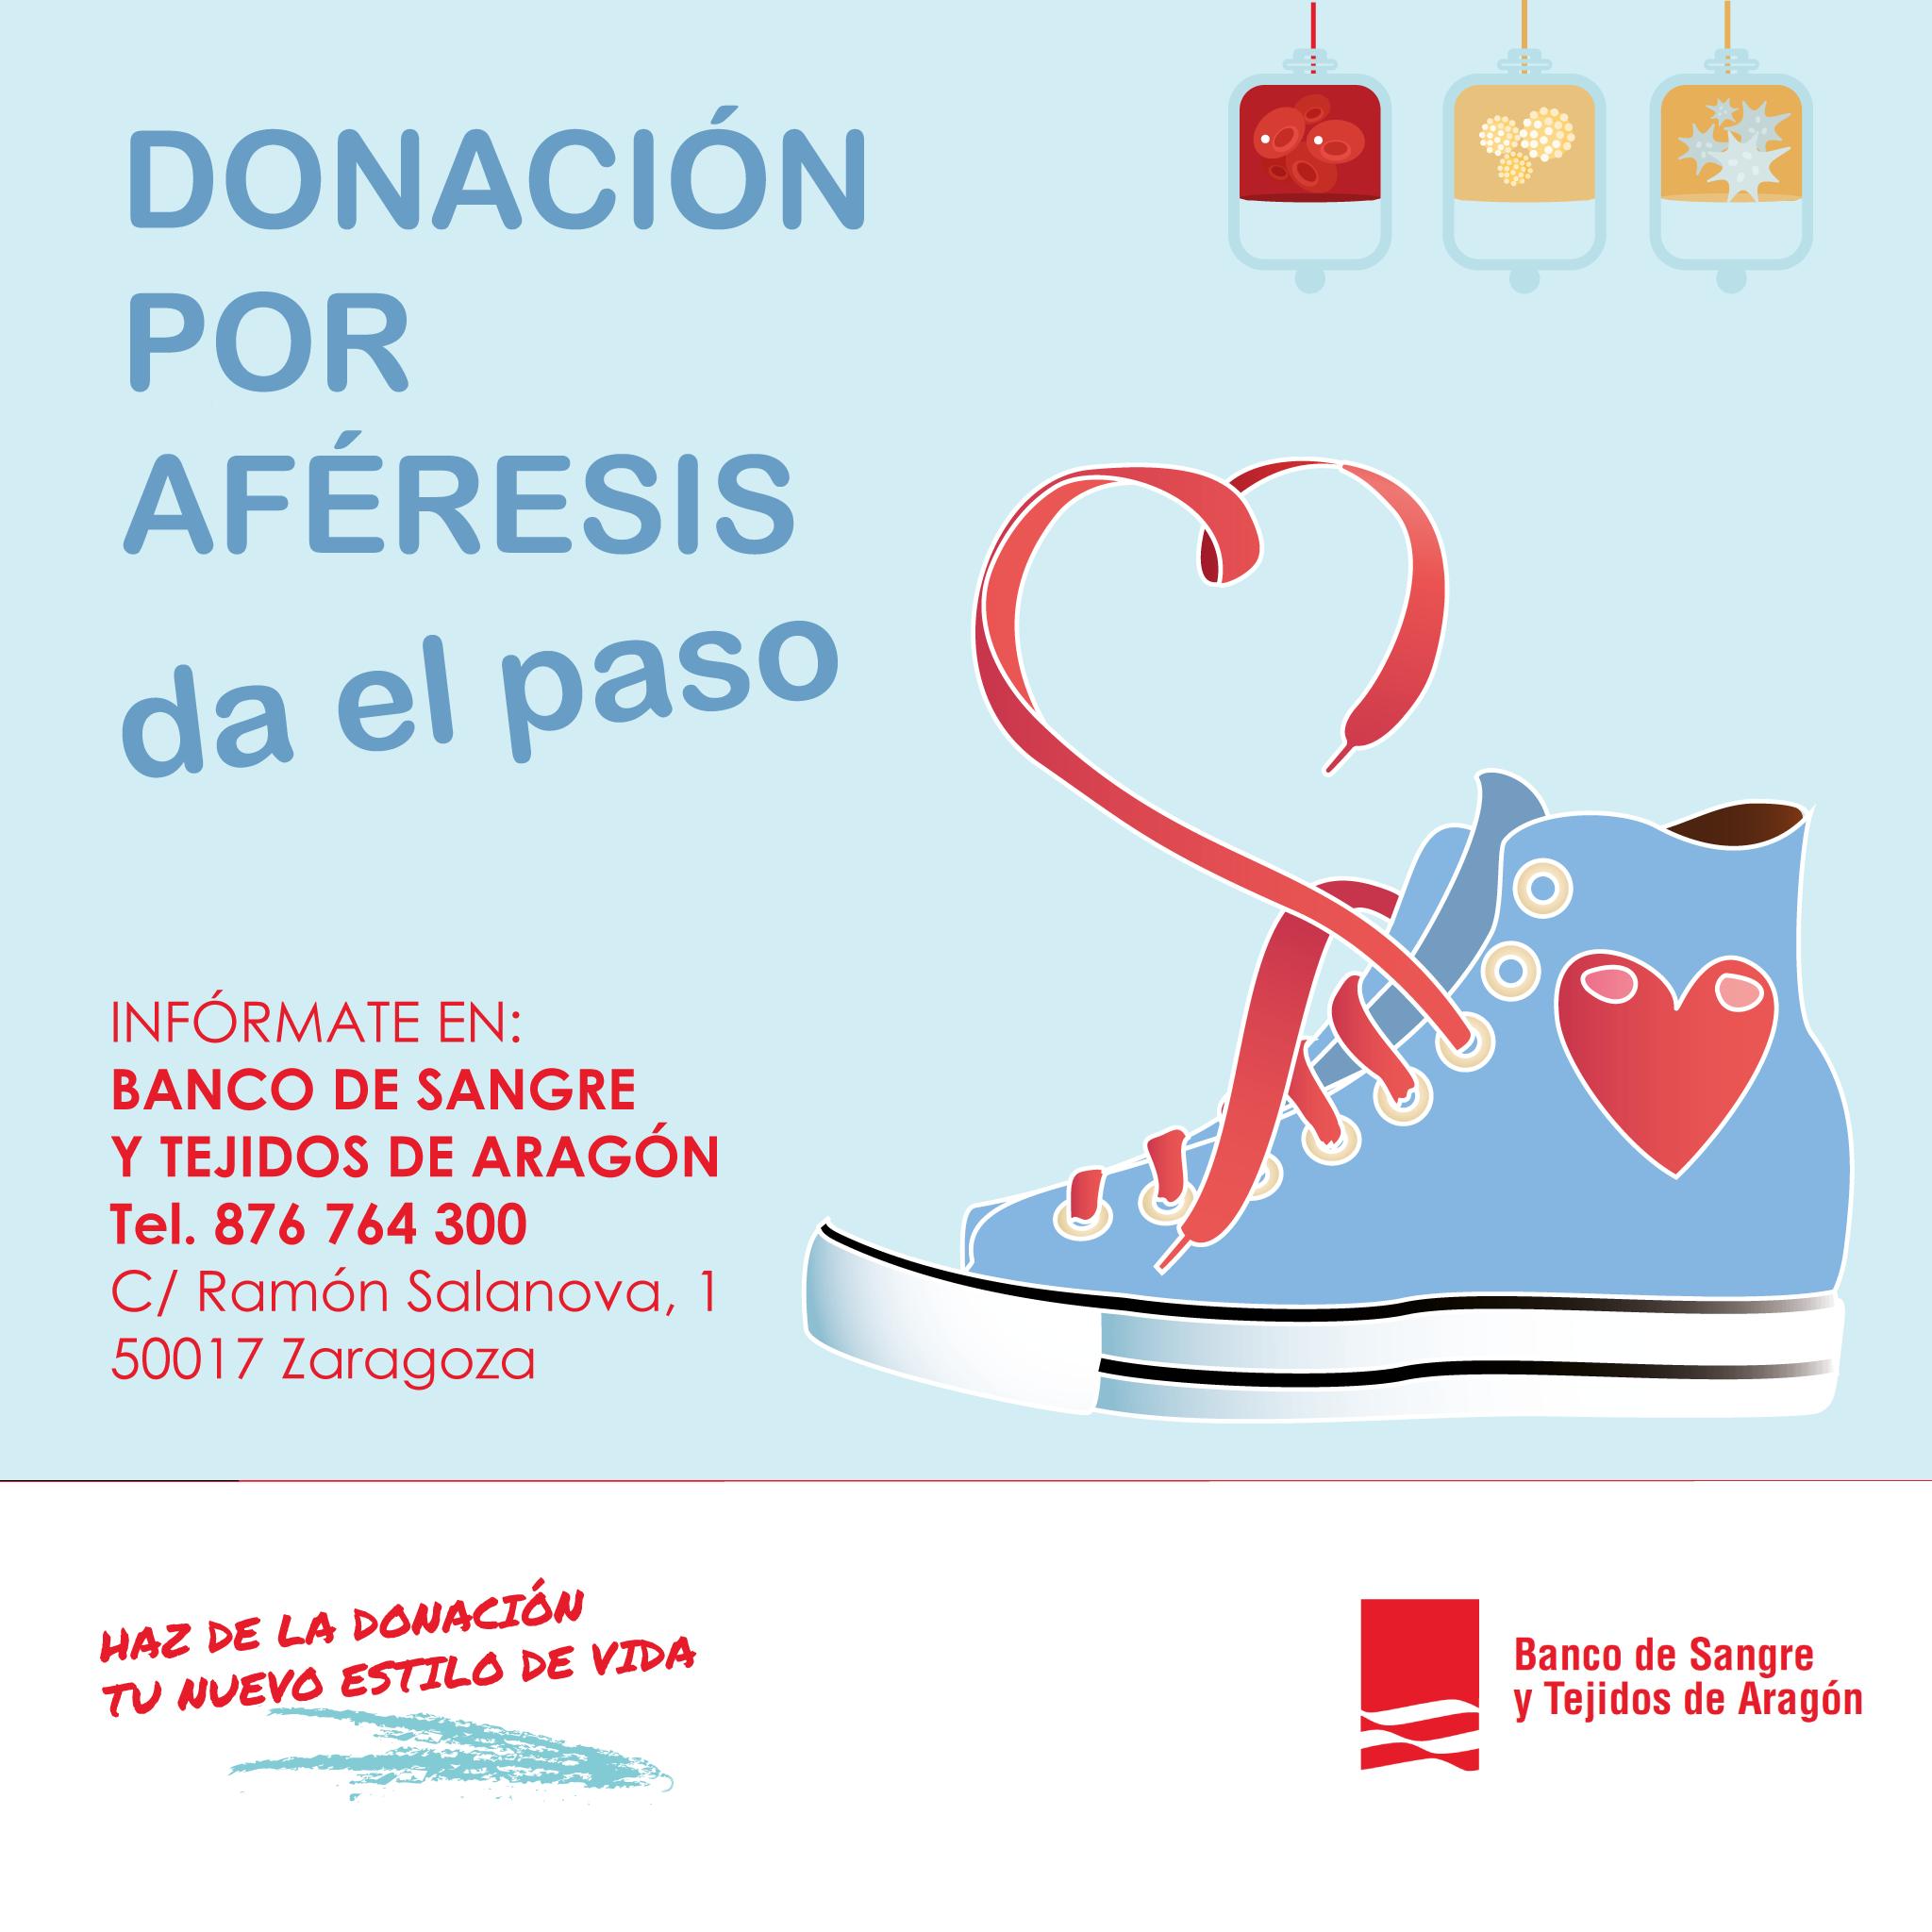 tipos de donación, donación de sangre